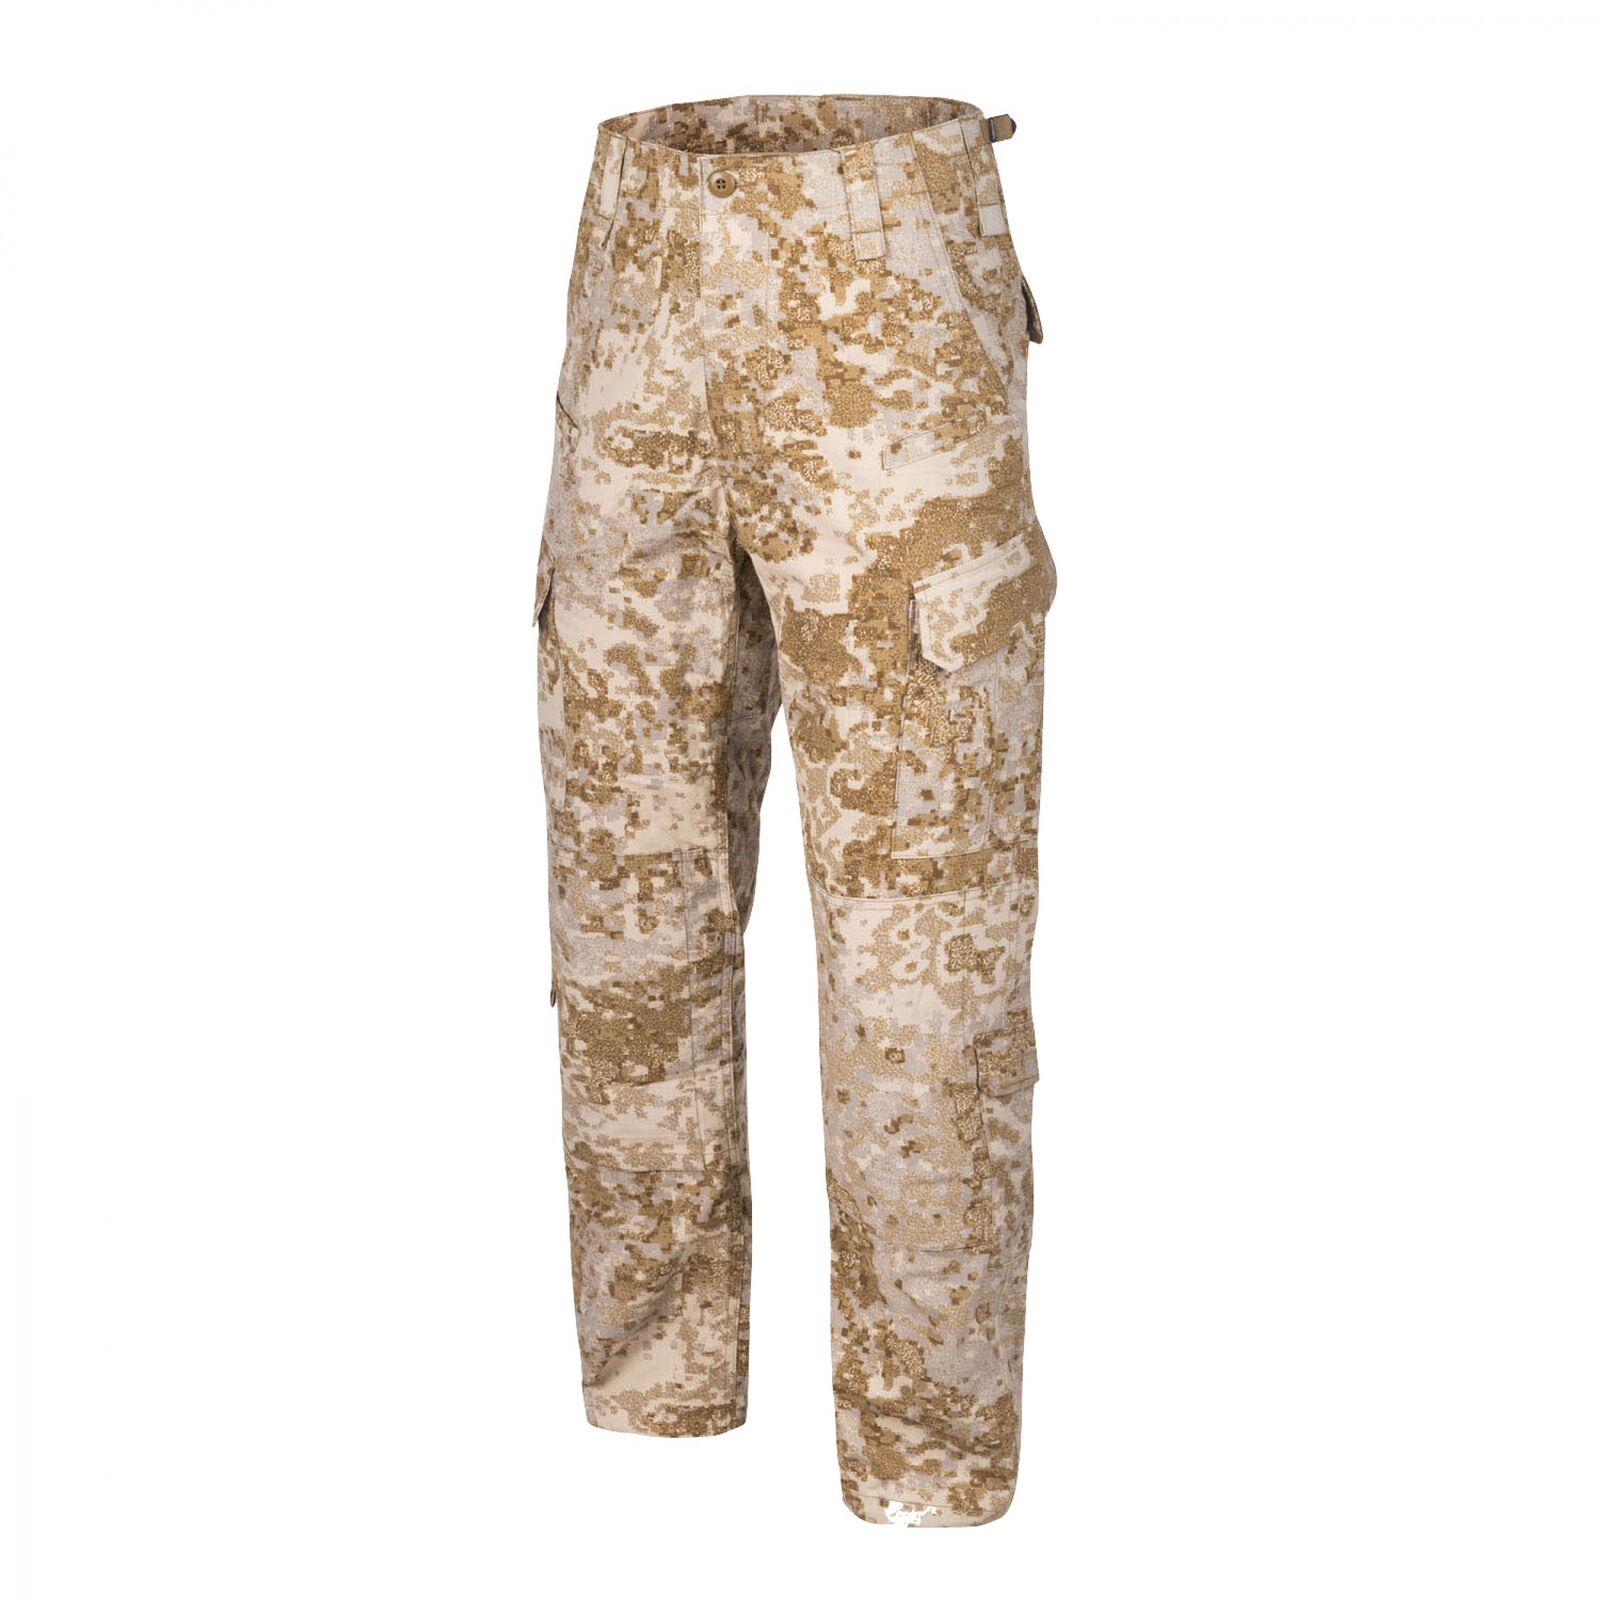 Helikon-Tex Combat Patrol Uniform broek slangen -NyCo- PenCott Sandstorm